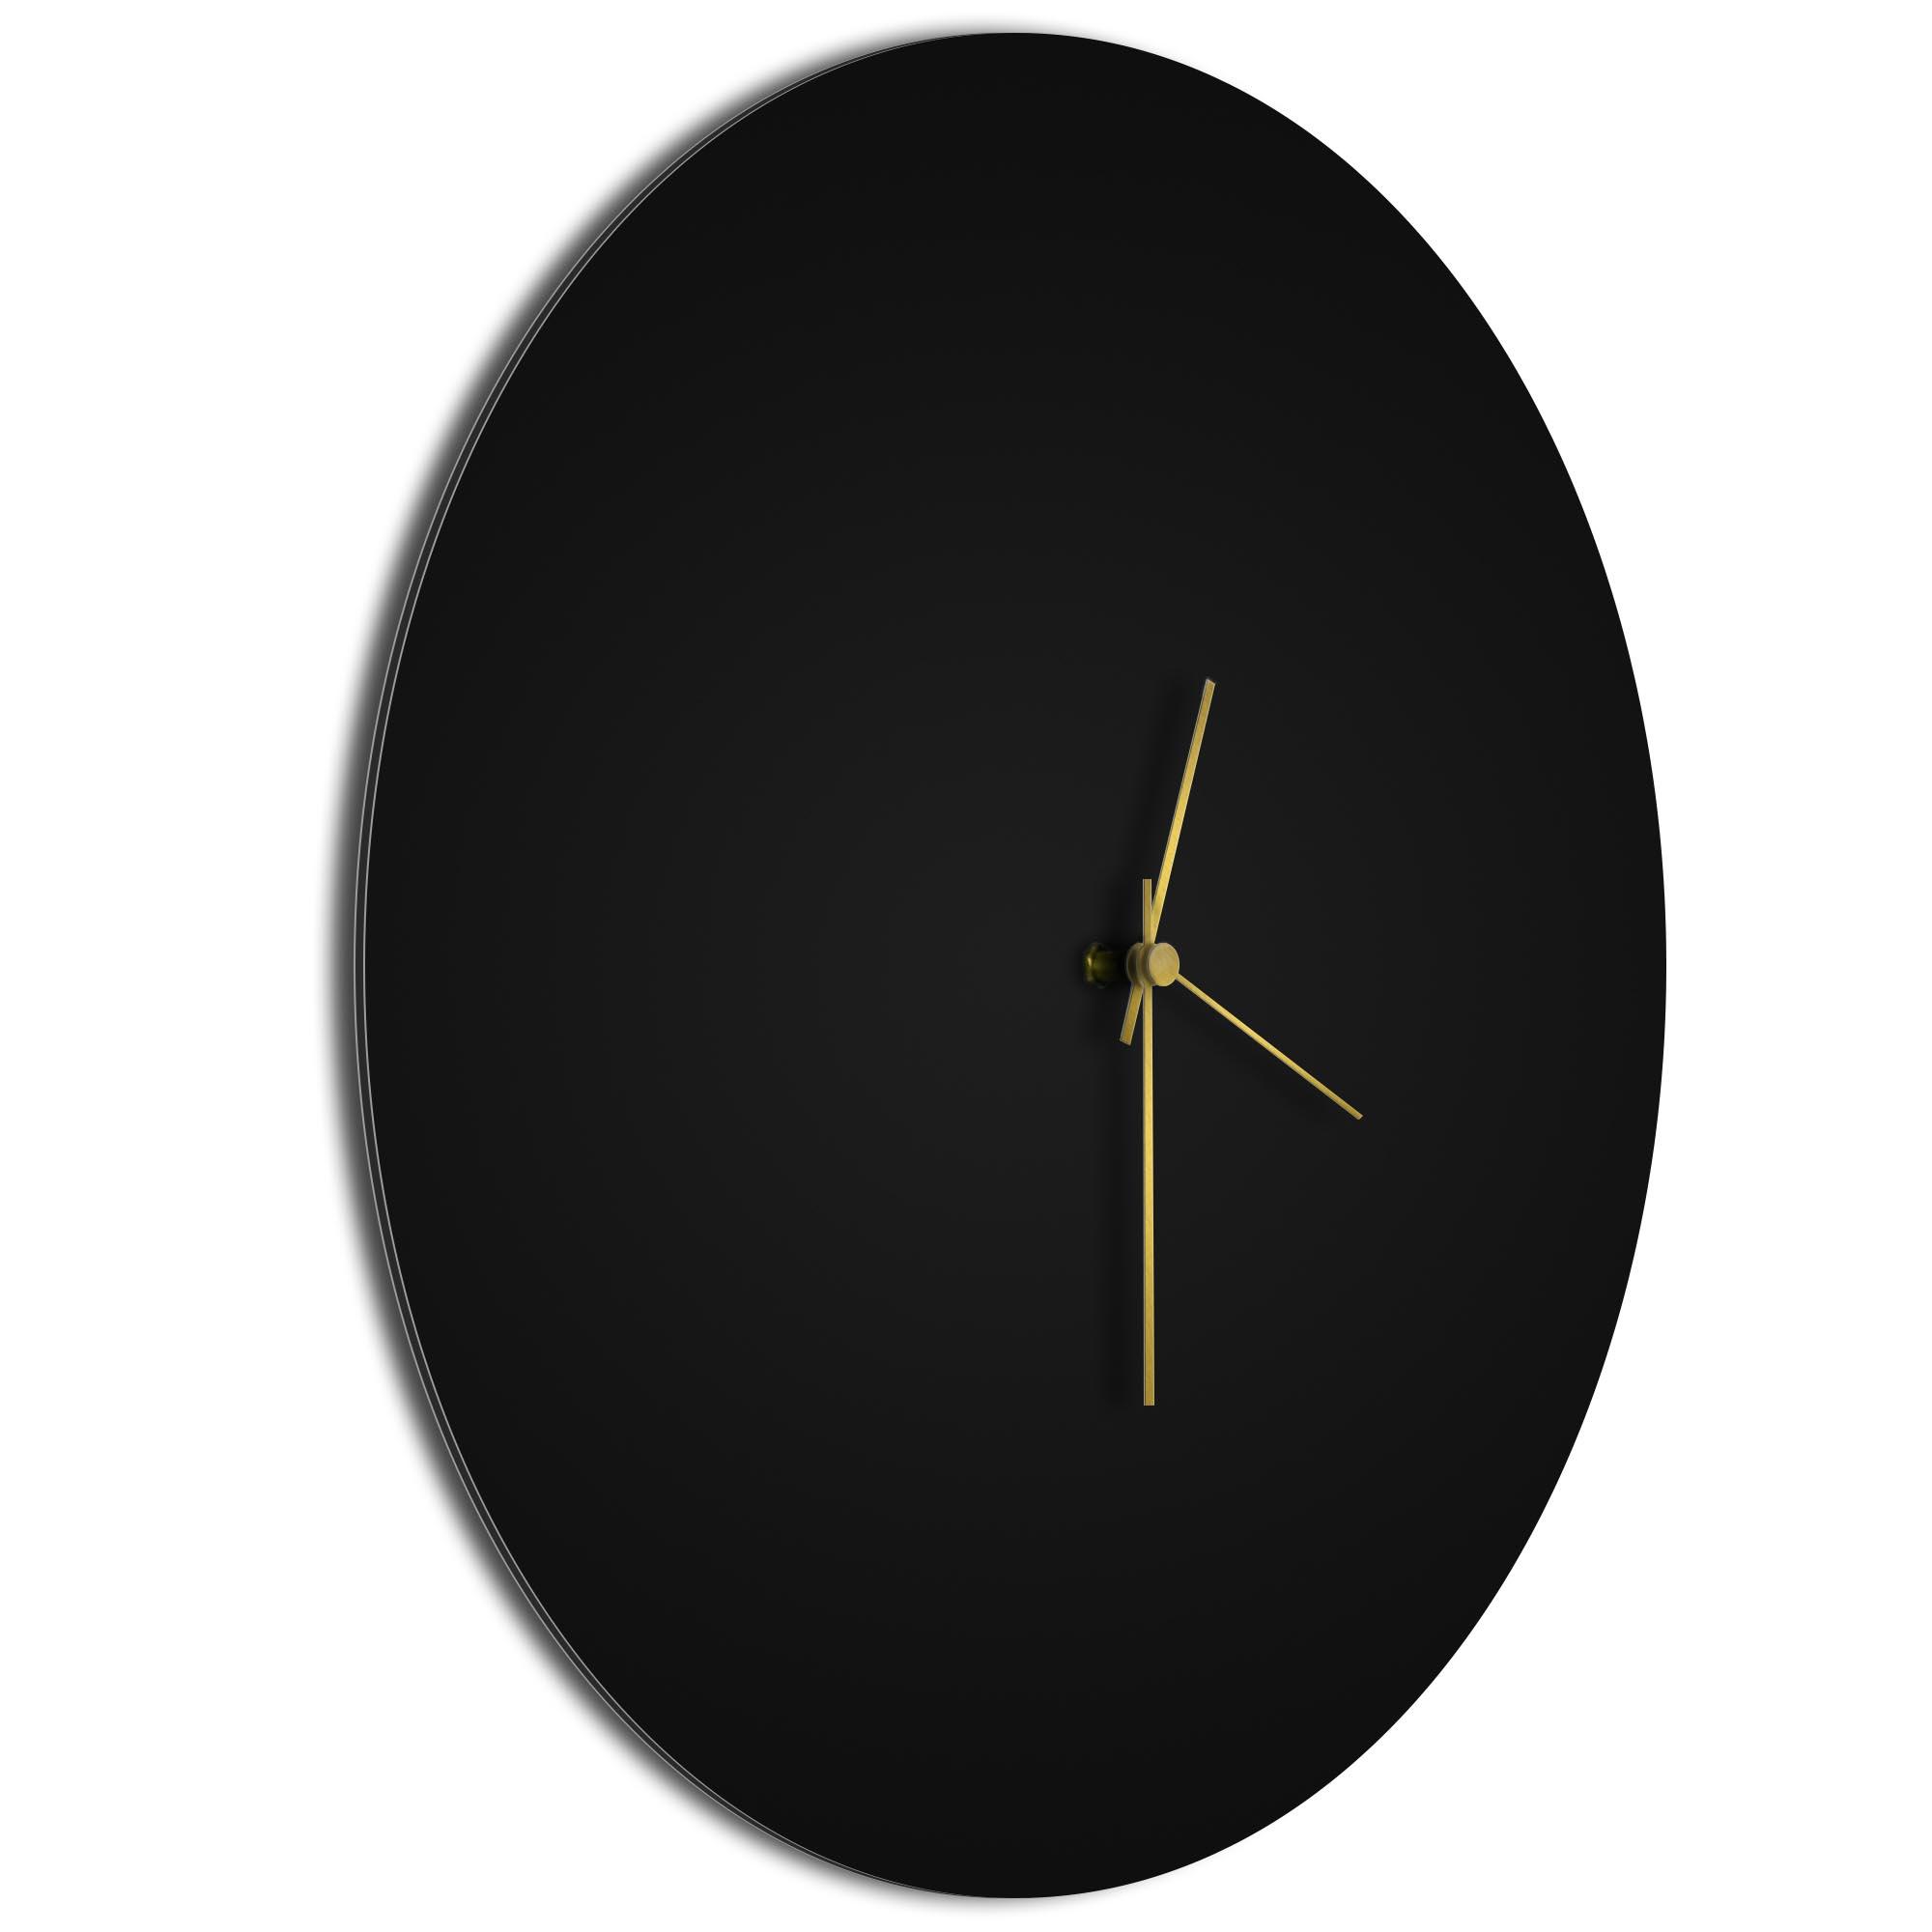 Blackout Gold Circle Clock Large - Image 2